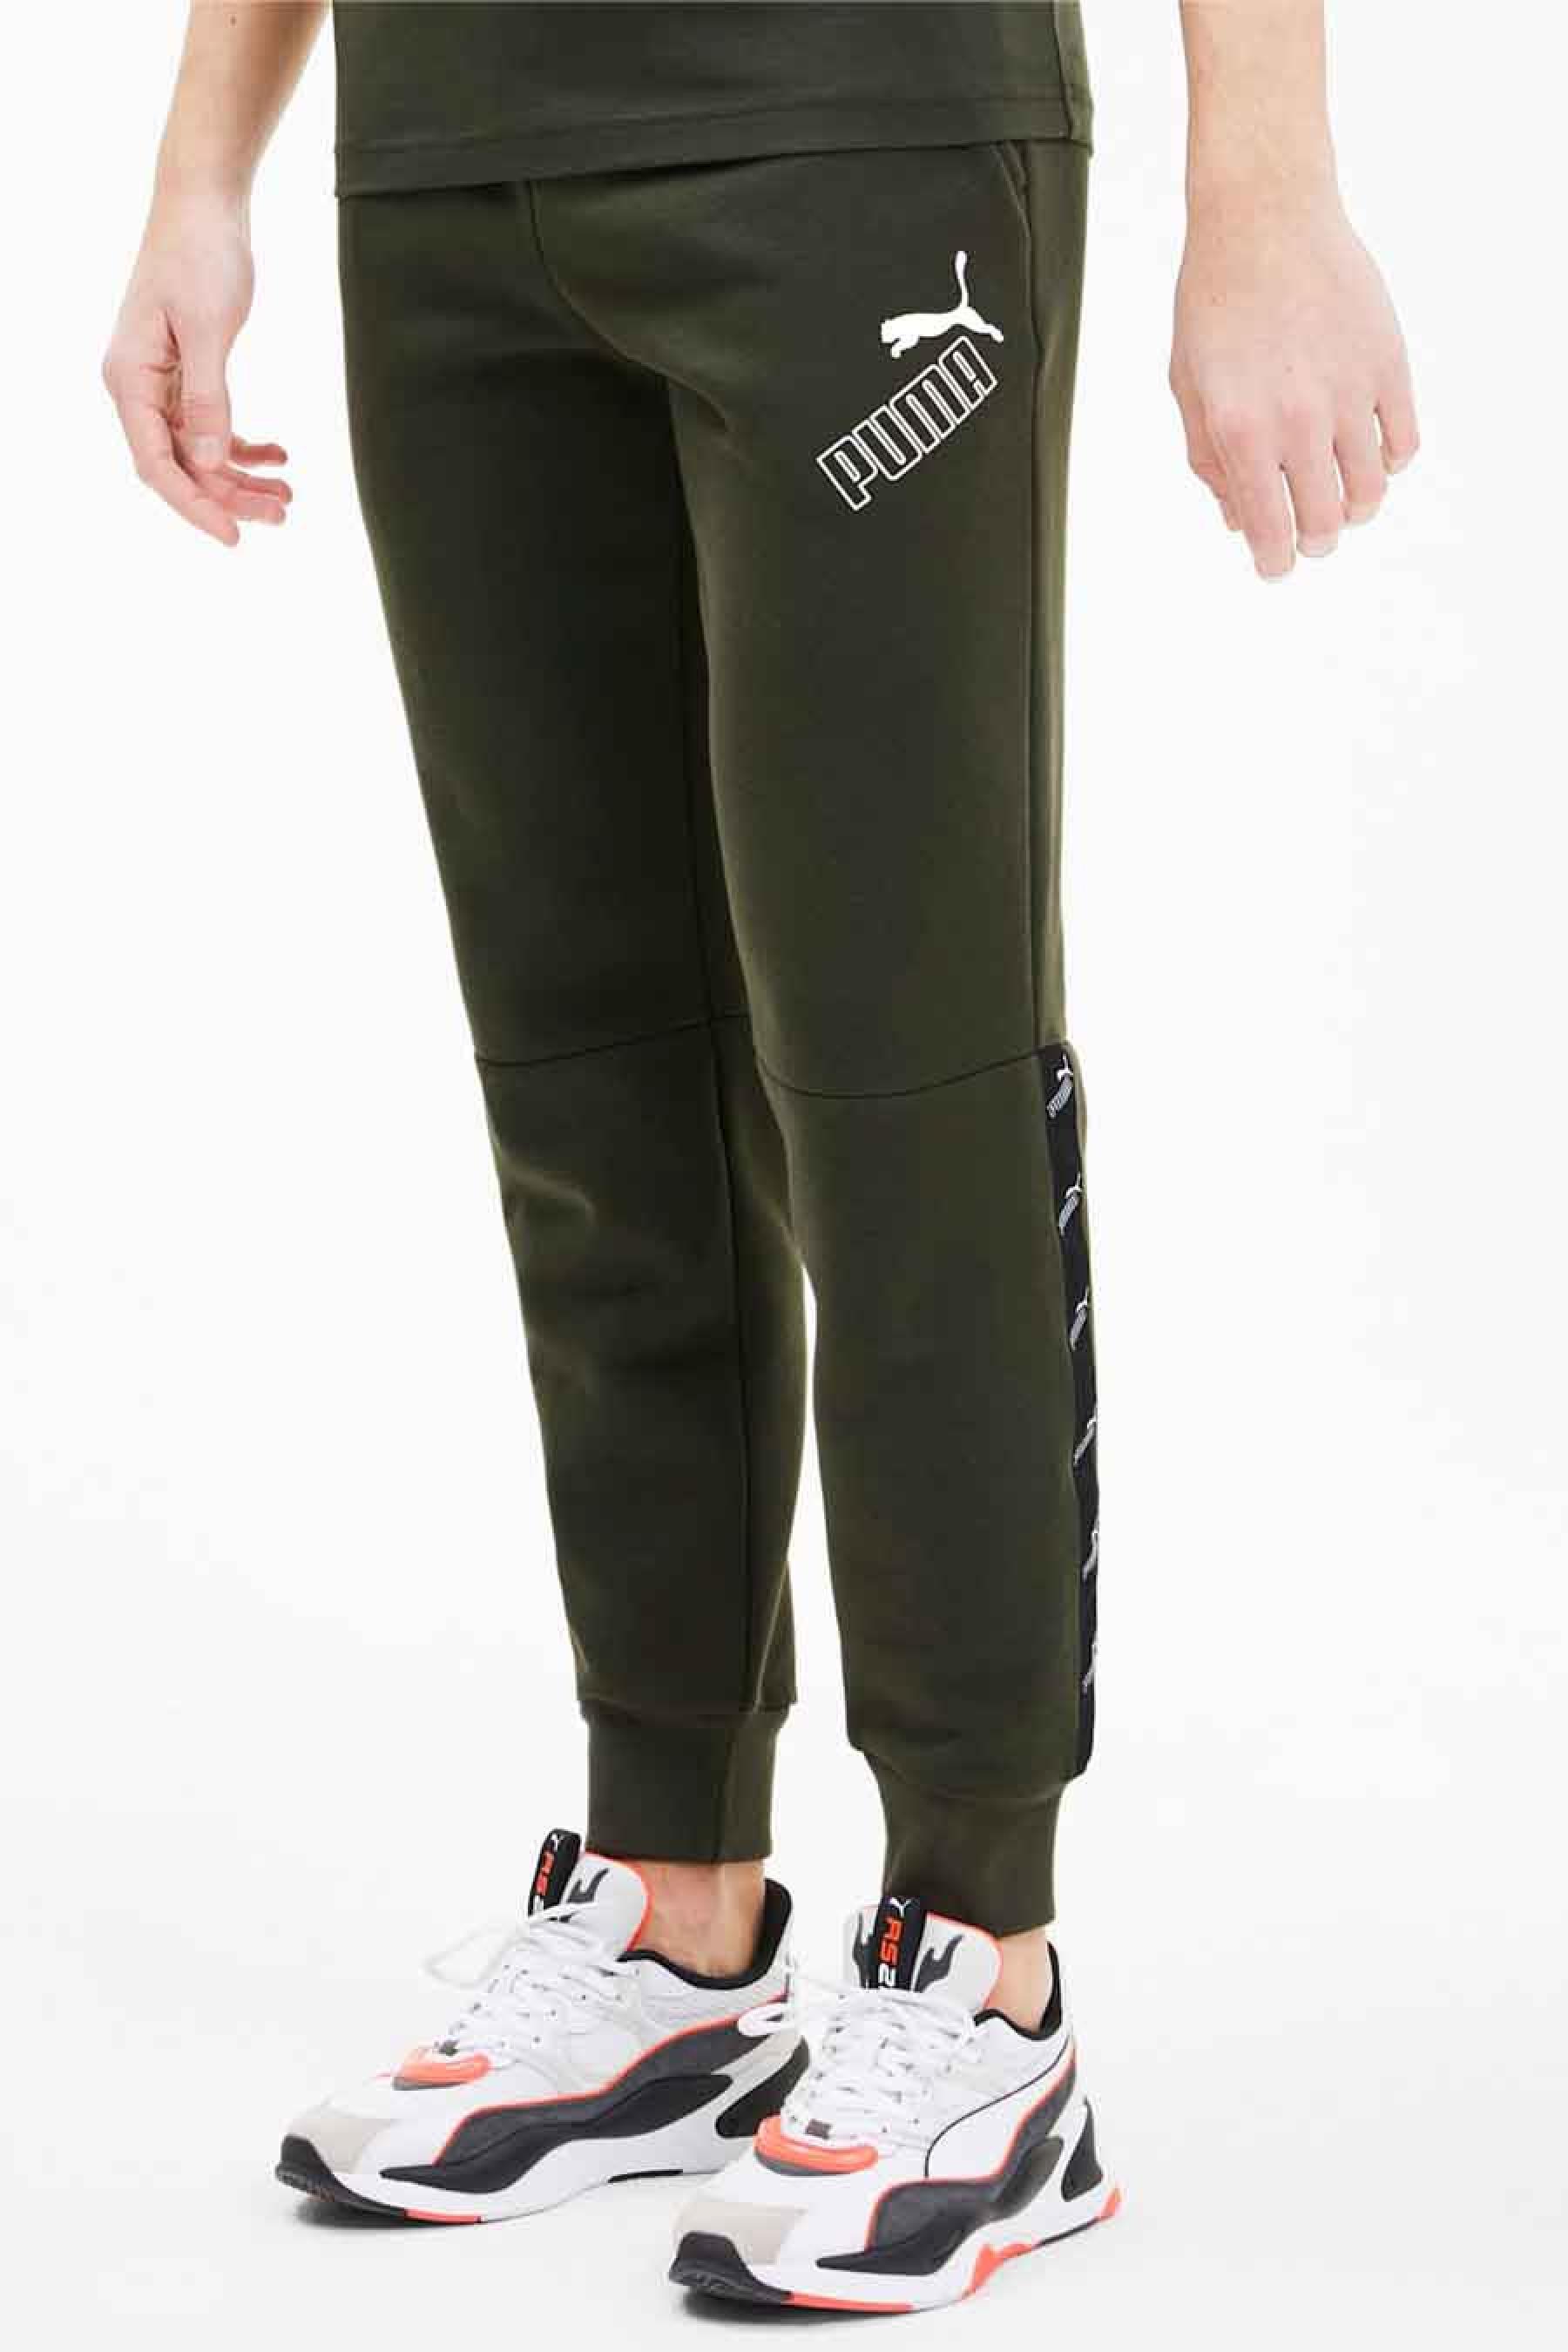 Puma Jogging, Groen, Heren, Maat: S